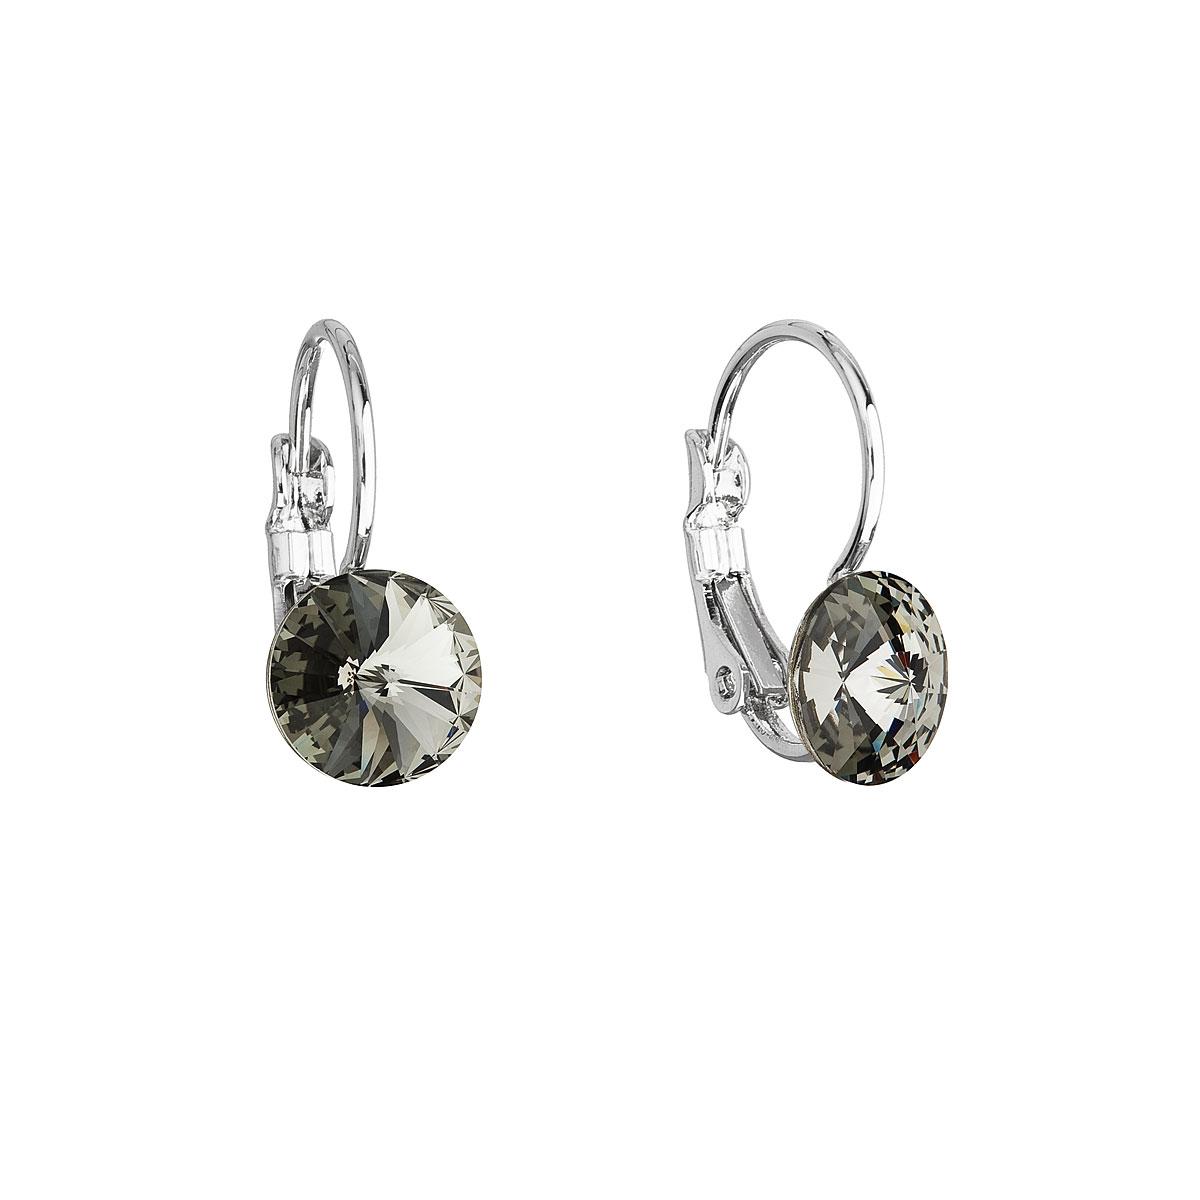 Náušnice bižuterie se Swarovski krystaly šedé kulaté 51031.3